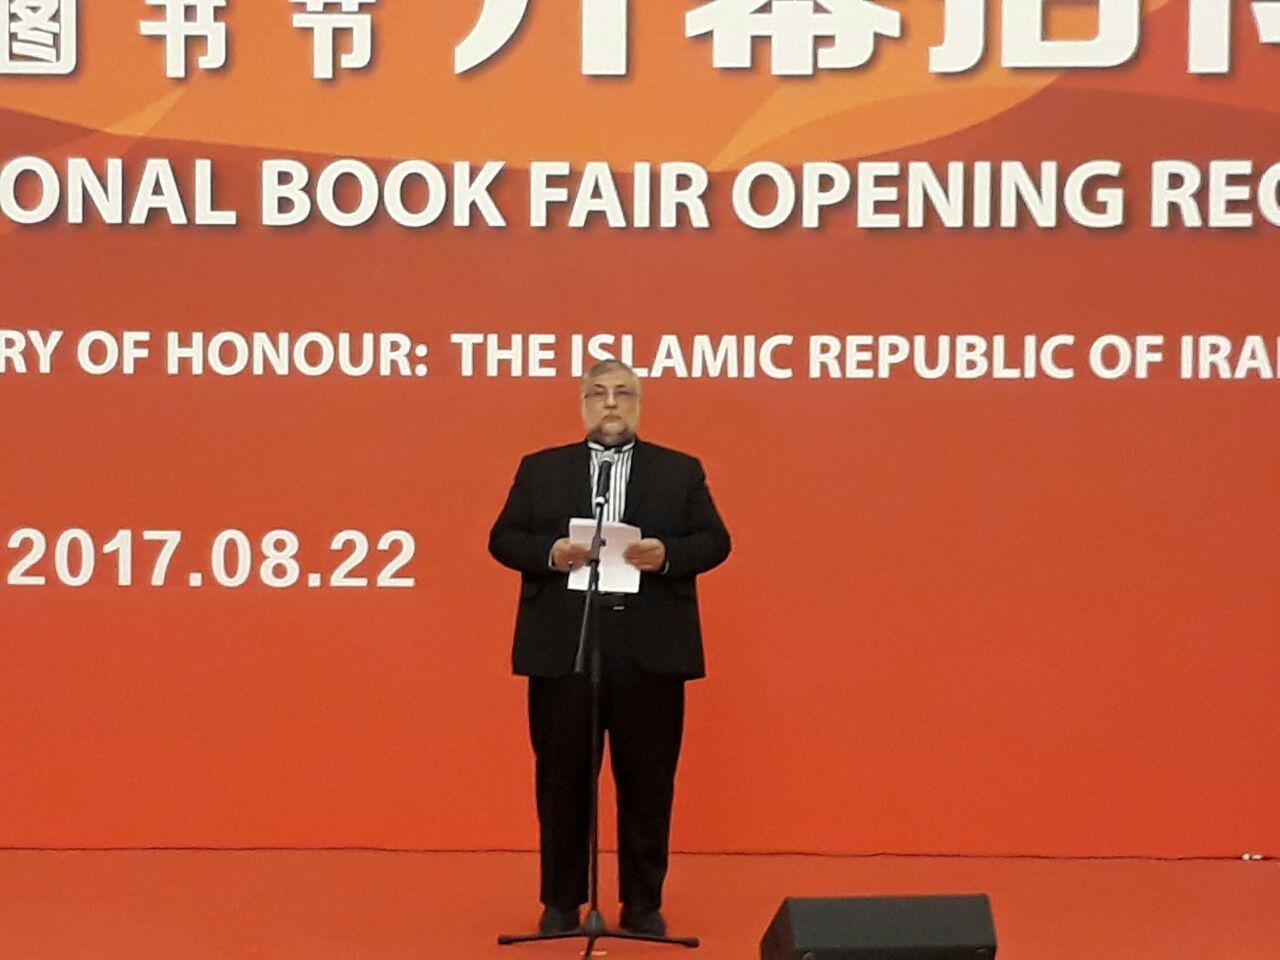 نماینده ایران در افتتاحیه نمایشگاه کتاب پکن: جاده ابریشم احیاگر هویت مقابله با خشونت است